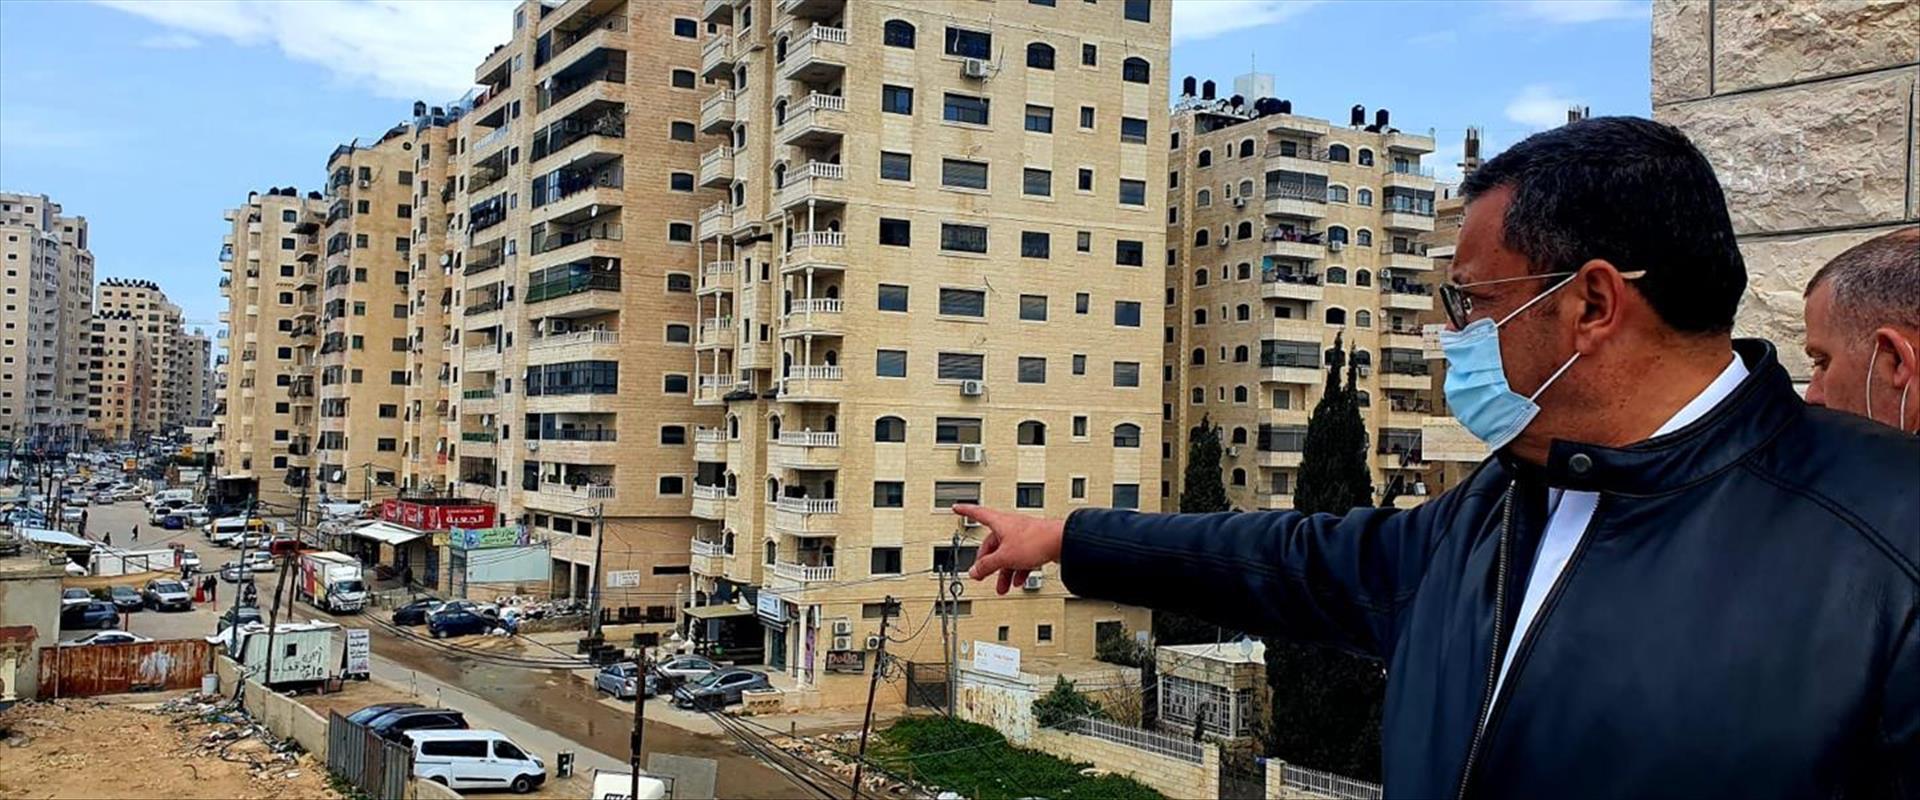 رئيس بلدية أورشليم القدس موشي ليئون